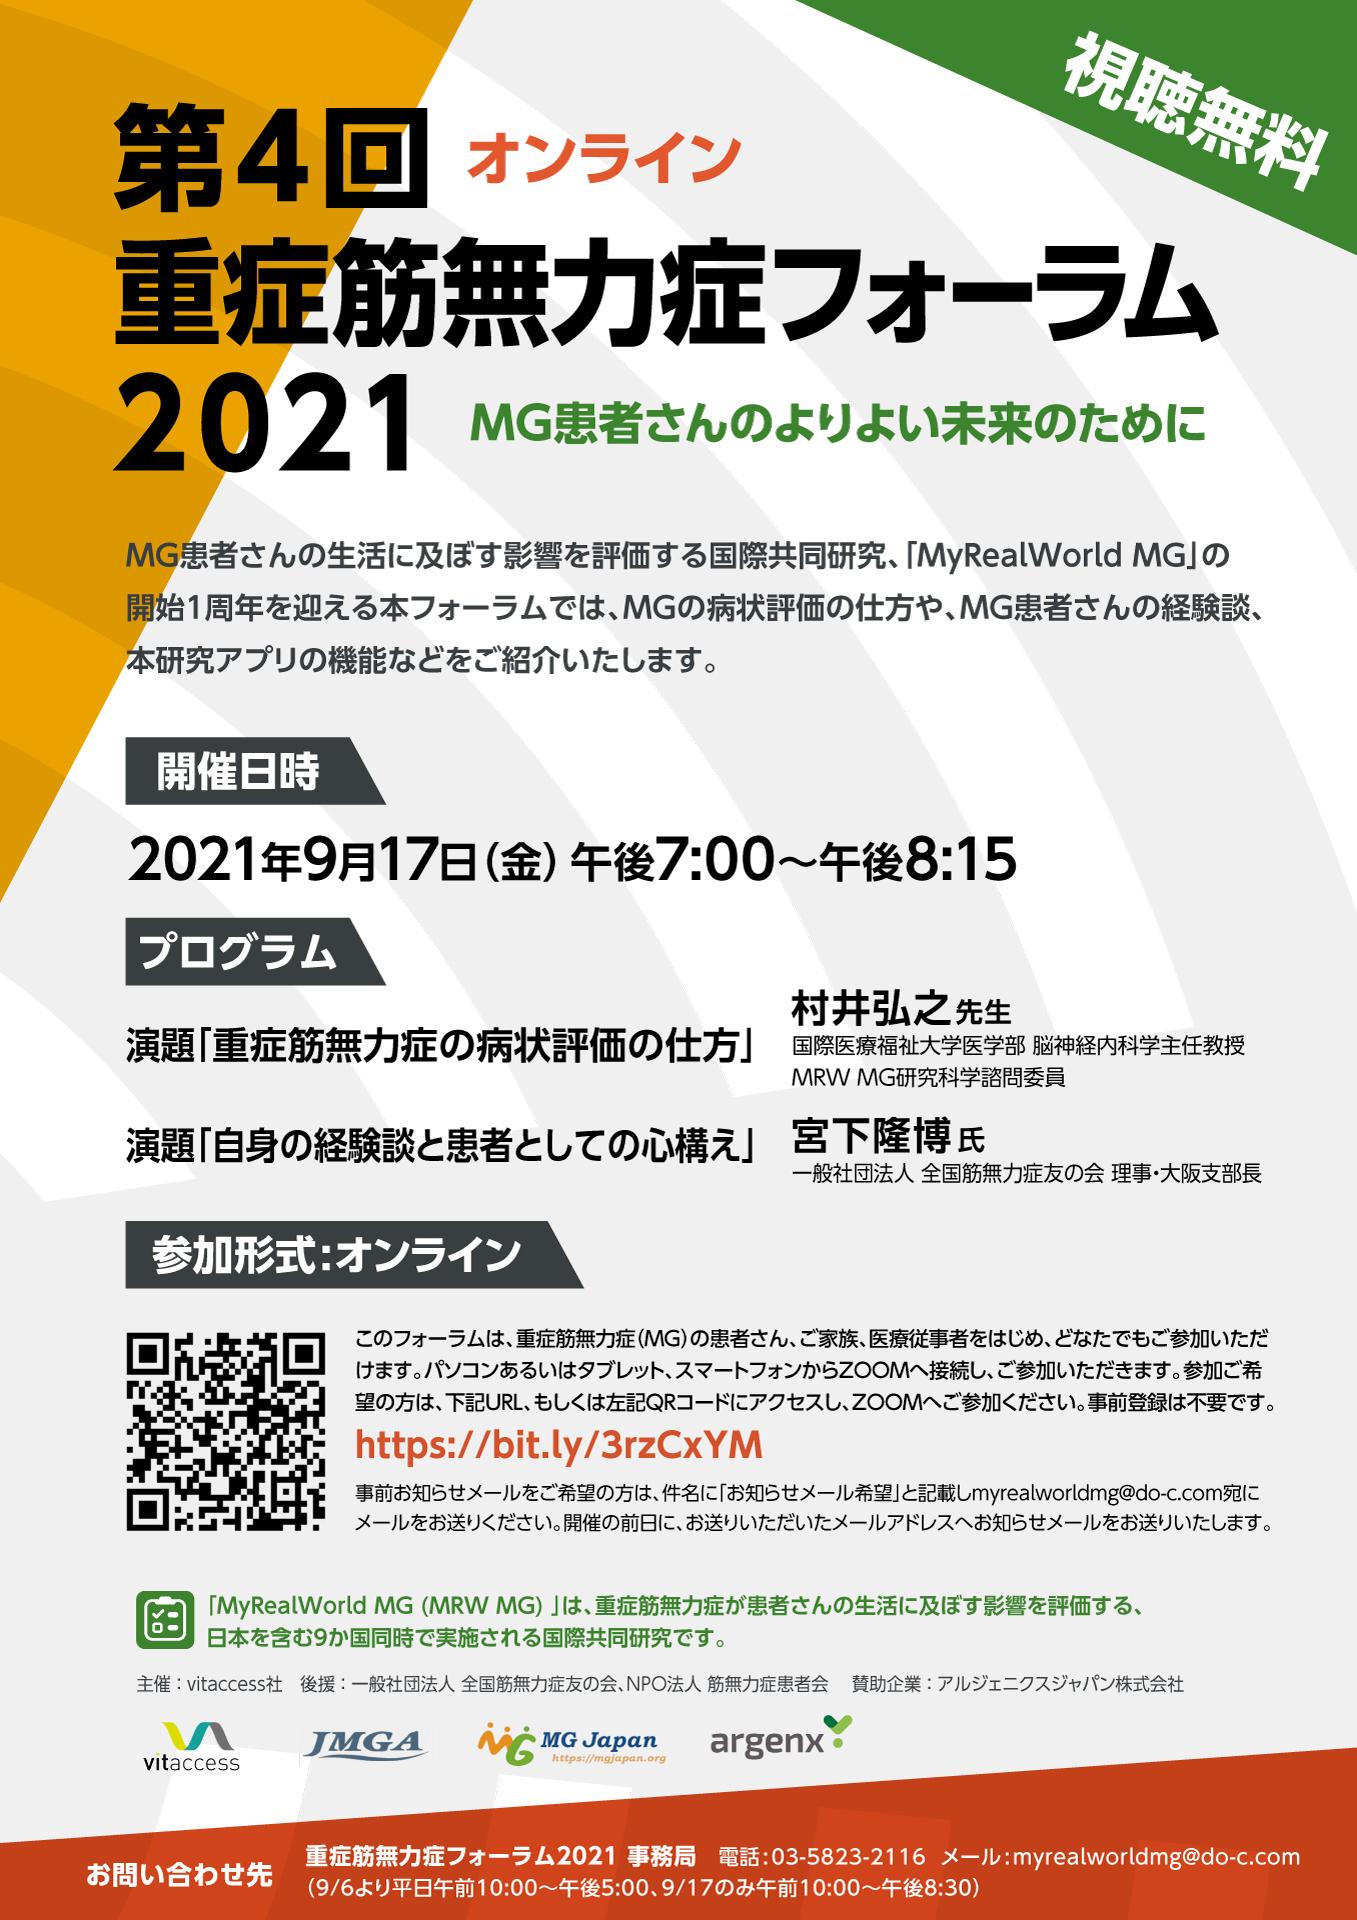 「第4回 オンライン重症筋無力症フォーラム2021」のお知らせ